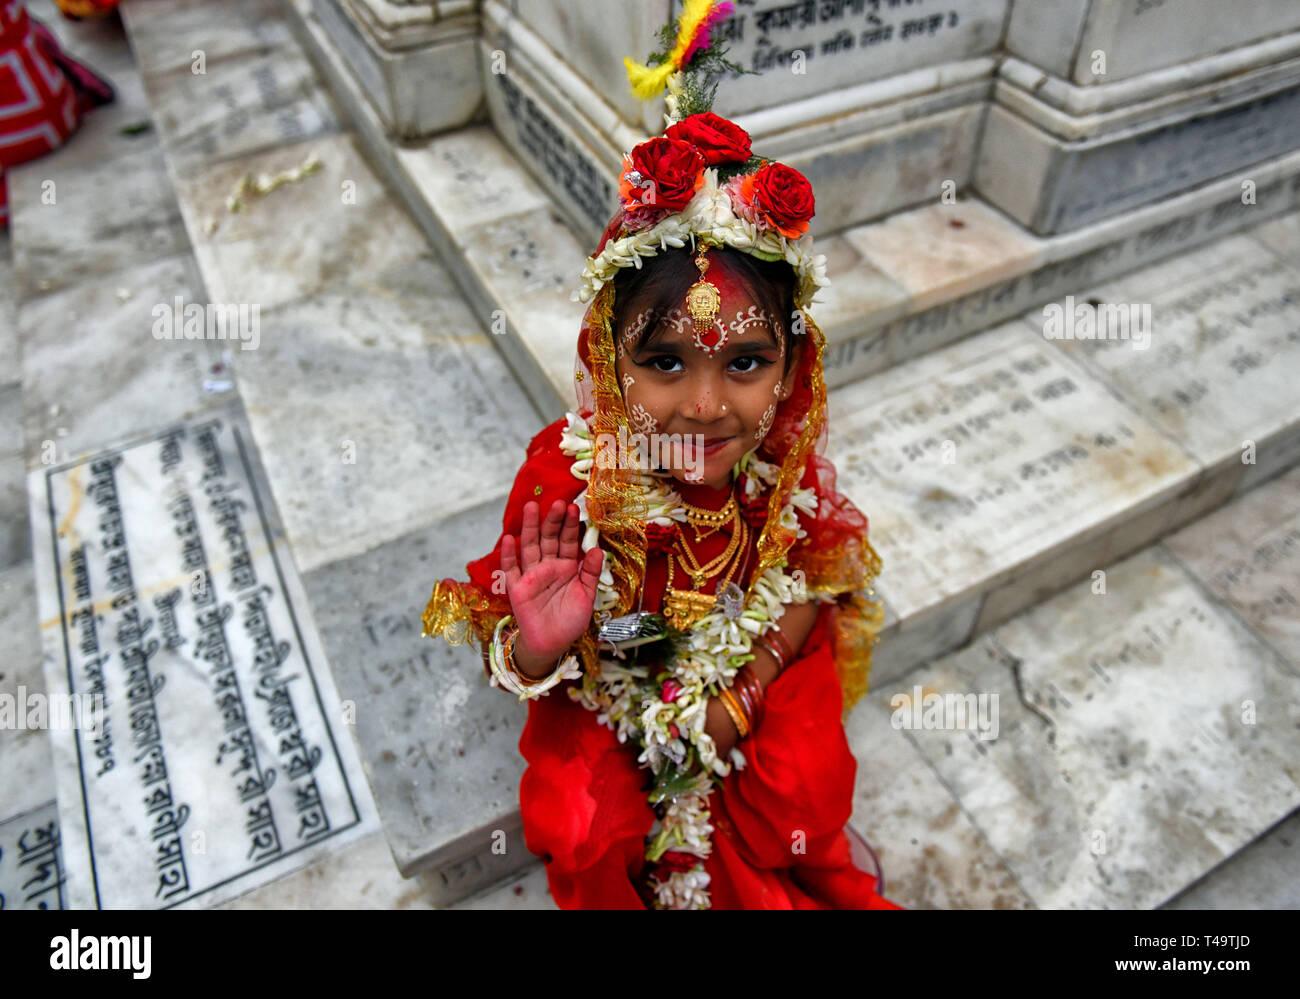 Kumari Puja Stock Photos & Kumari Puja Stock Images - Alamy